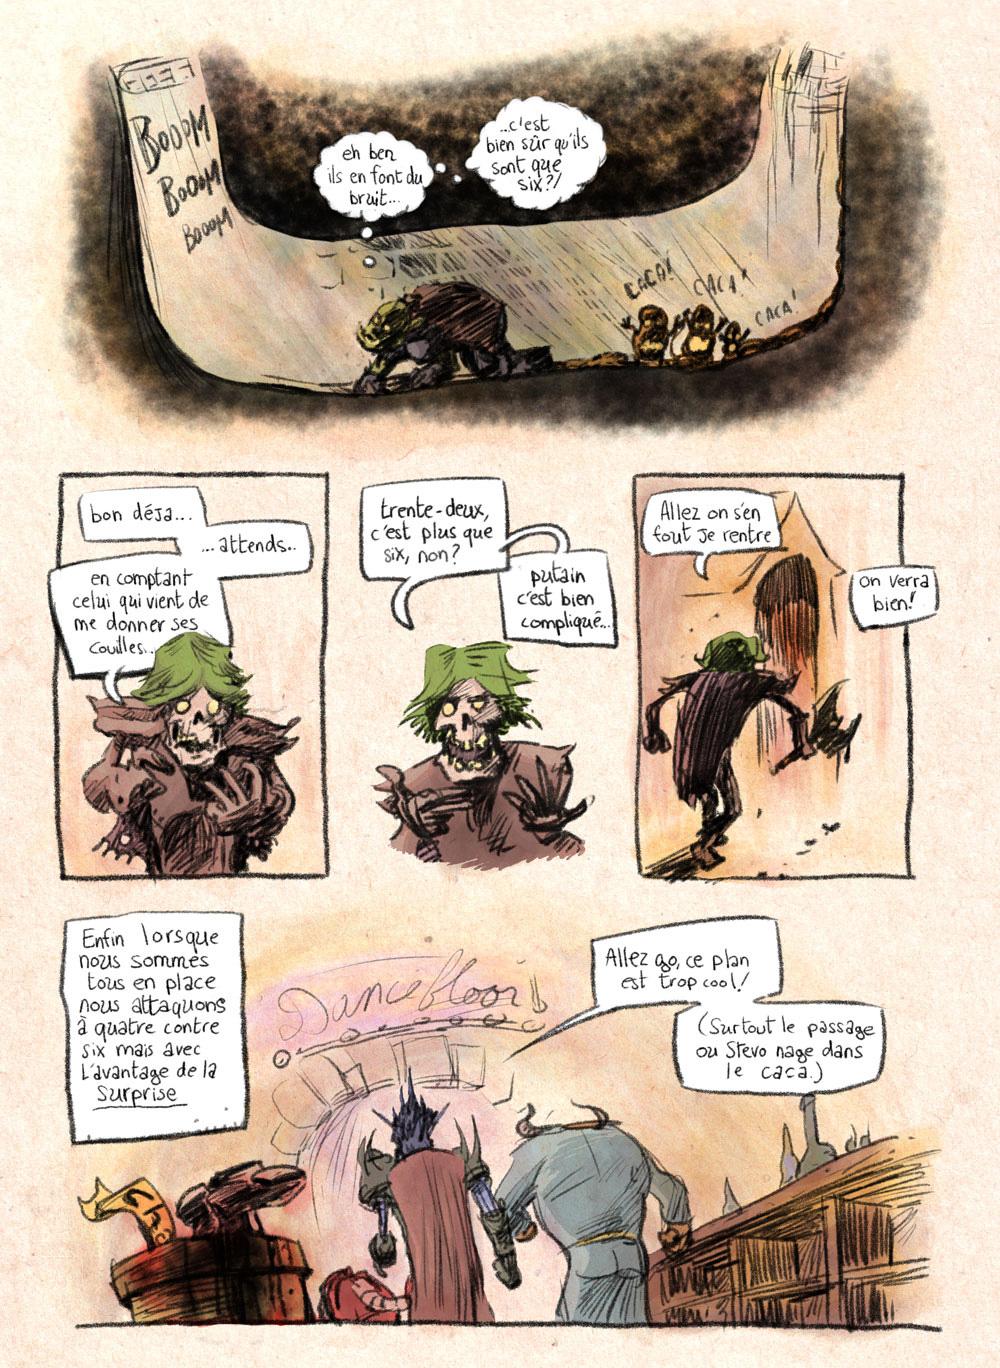 Aventures de Stevostin, tome 1 : La Porte Sombre. Planche 78.